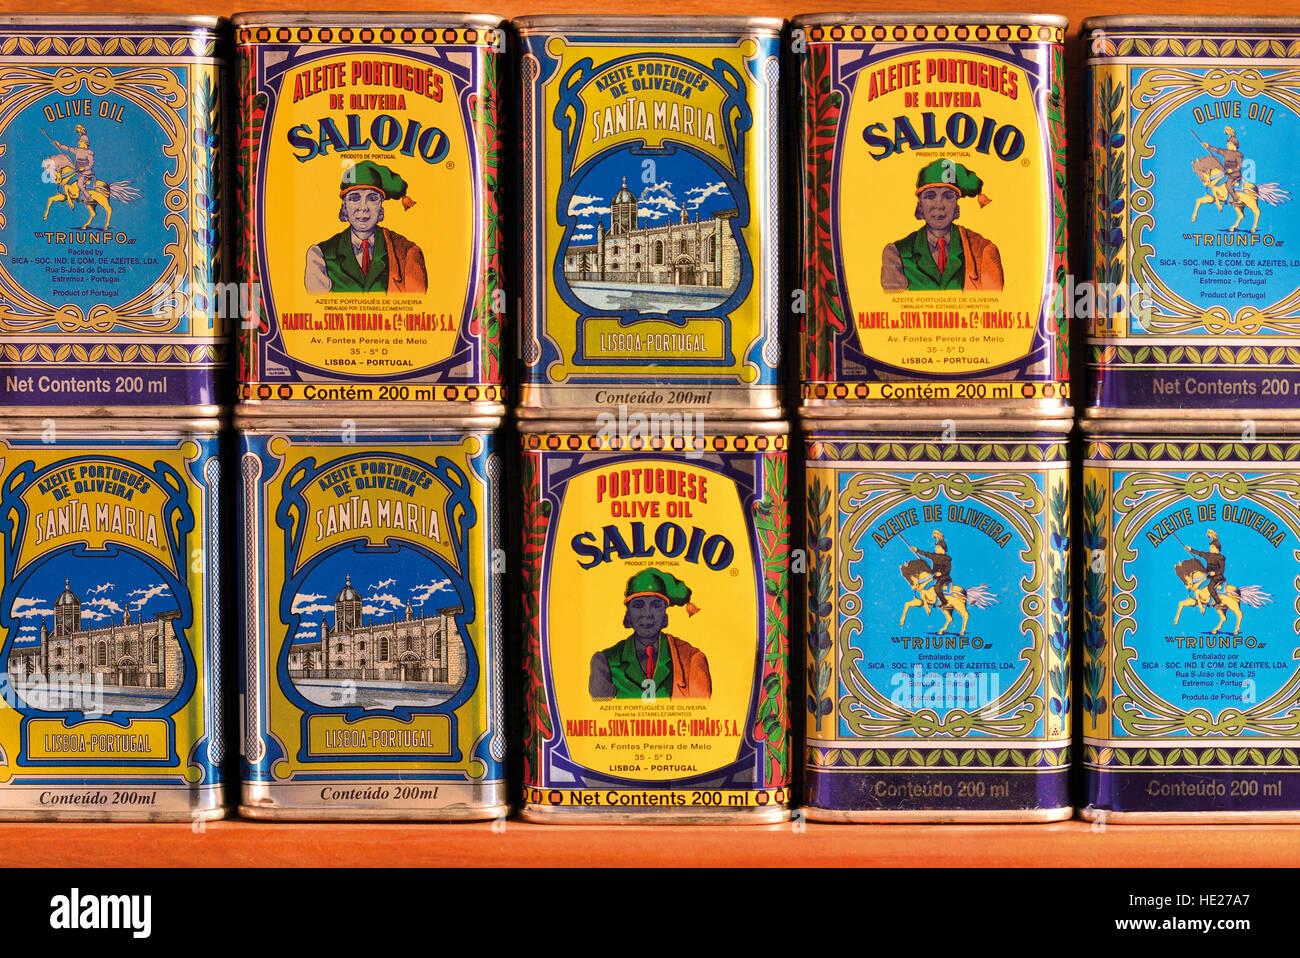 Portoghese tradizionale olio di oliva marche in nostalgia di banda stagnata Immagini Stock